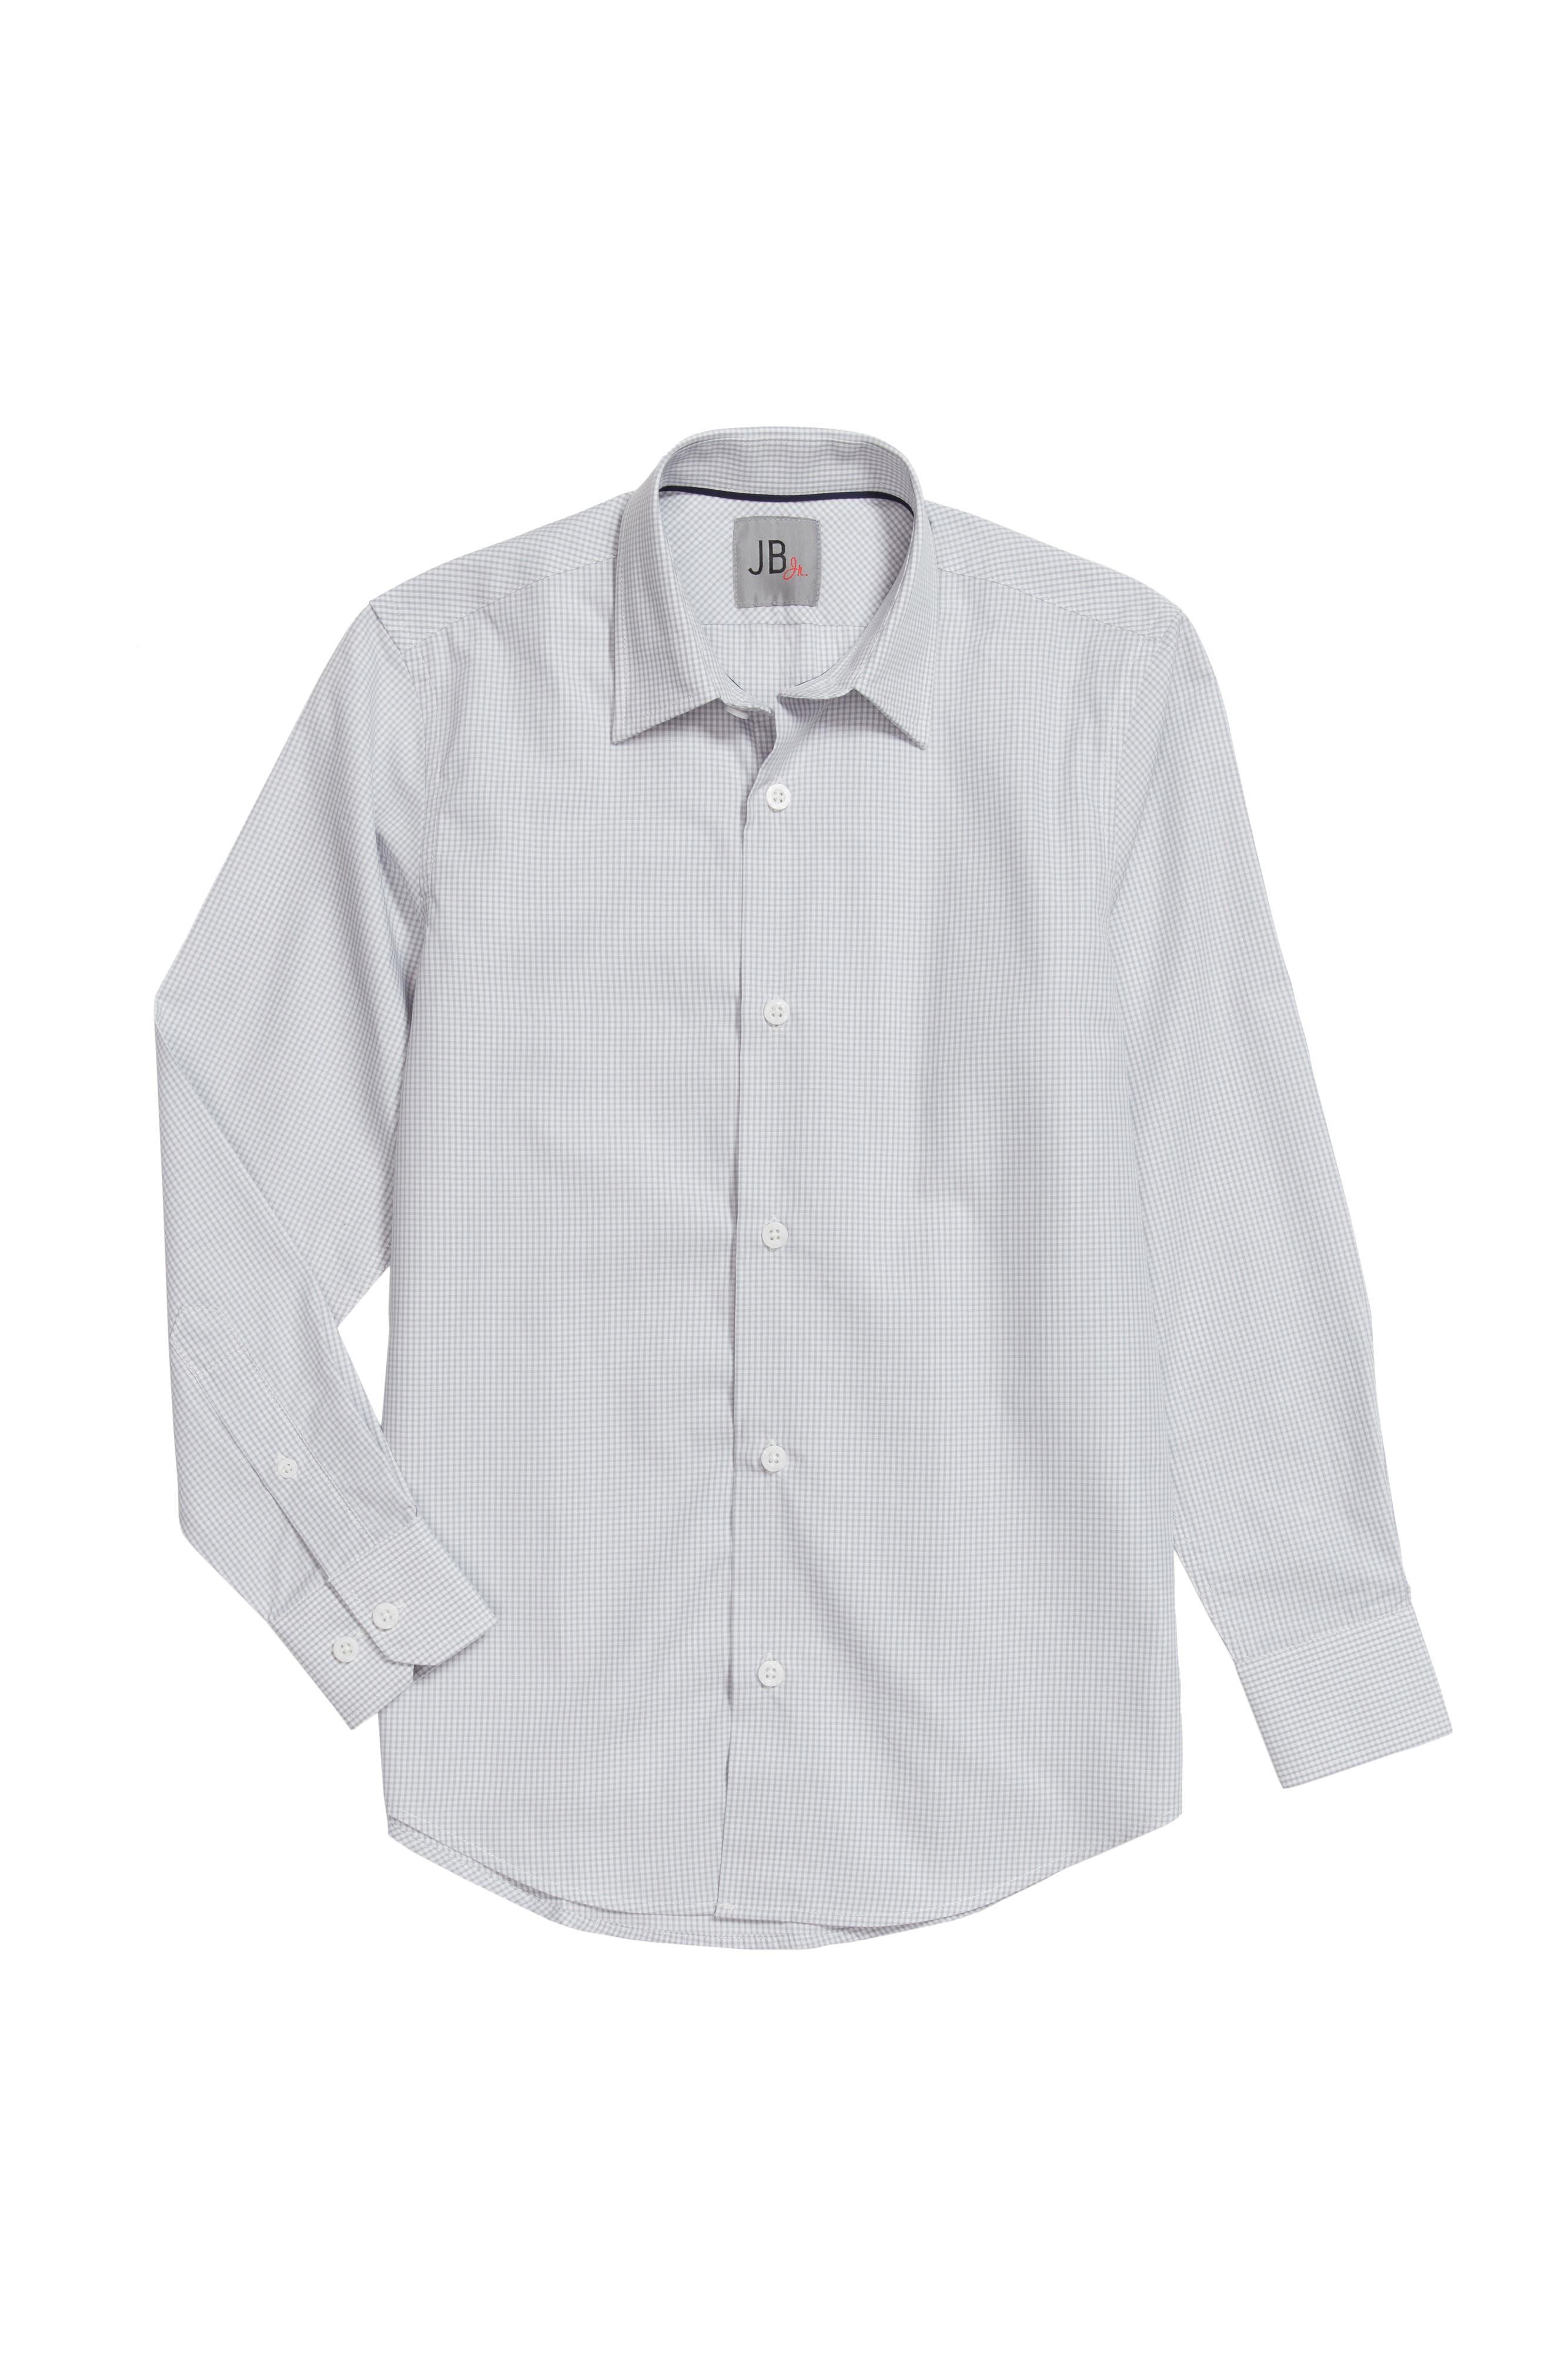 Check Dress Shirt,                             Main thumbnail 1, color,                             032